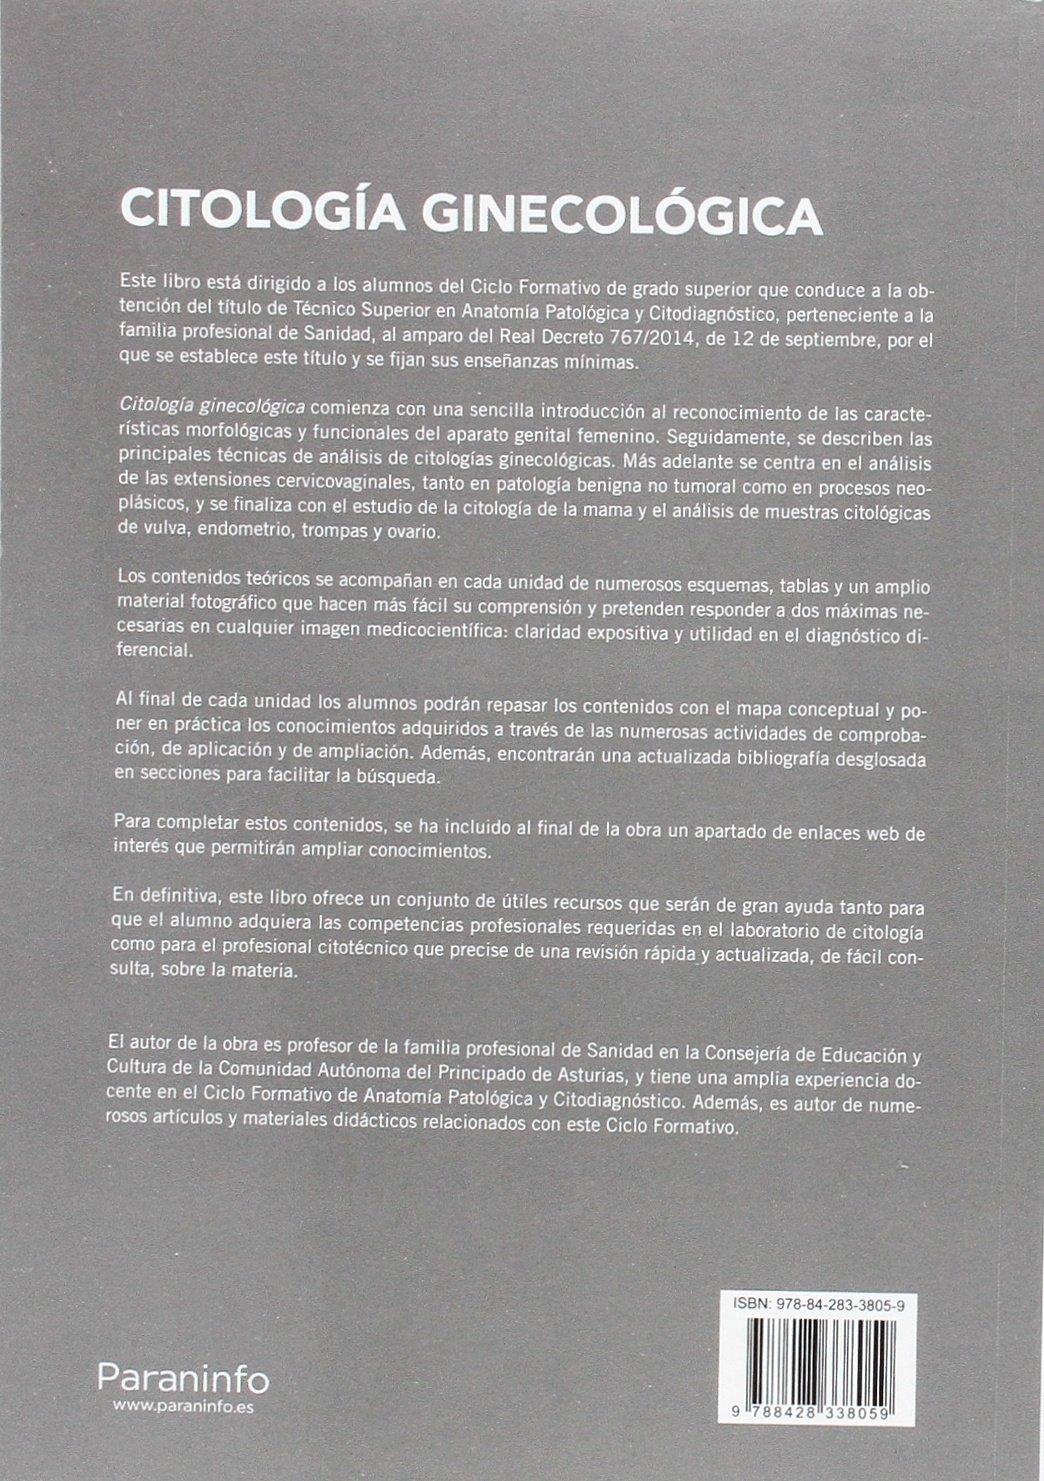 Citología Ginecológica Rafael Martinez Giron 9788428338059